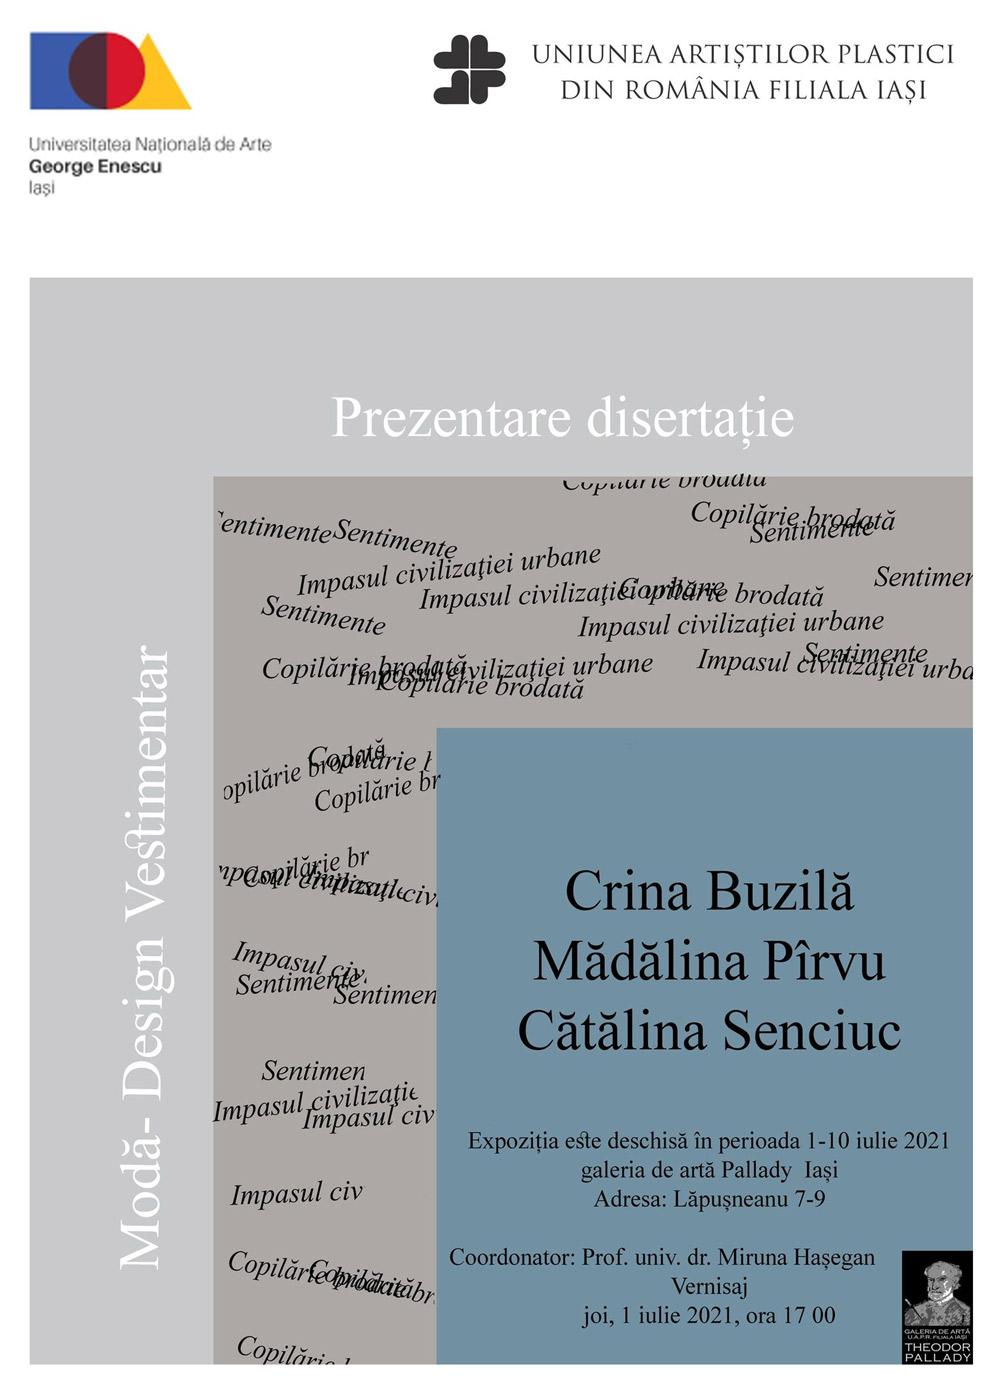 Expoziție de artă textilă cu lucrări de disertaţie – Crina Buzilă, Mădălina Pîrvu, Cătălina Senciuc